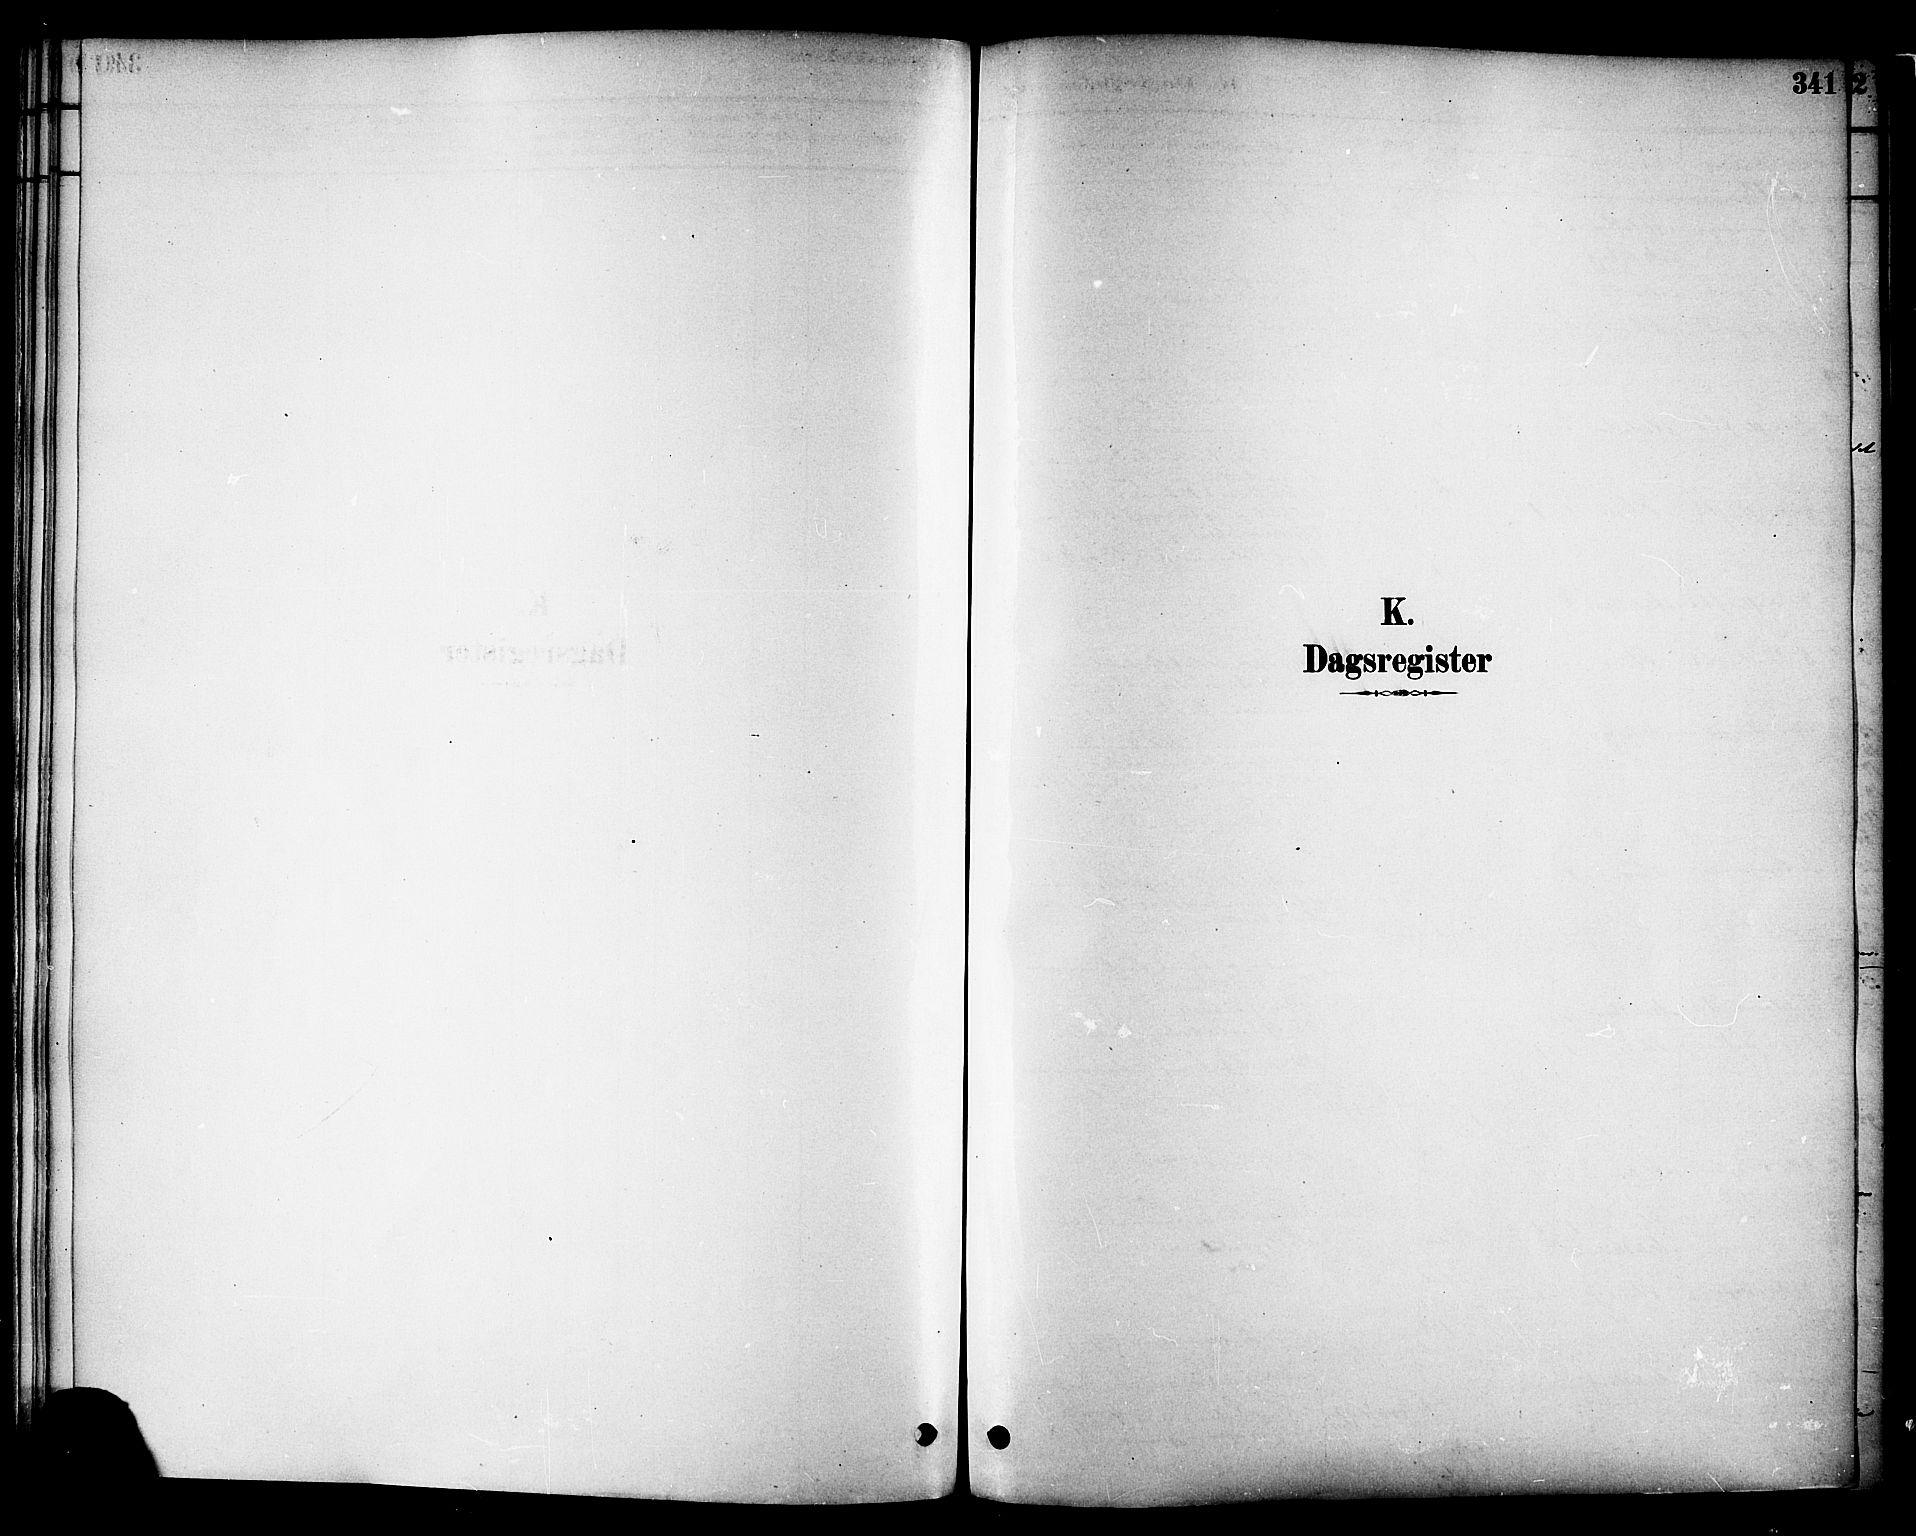 SAT, Ministerialprotokoller, klokkerbøker og fødselsregistre - Nord-Trøndelag, 717/L0159: Ministerialbok nr. 717A09, 1878-1898, s. 341